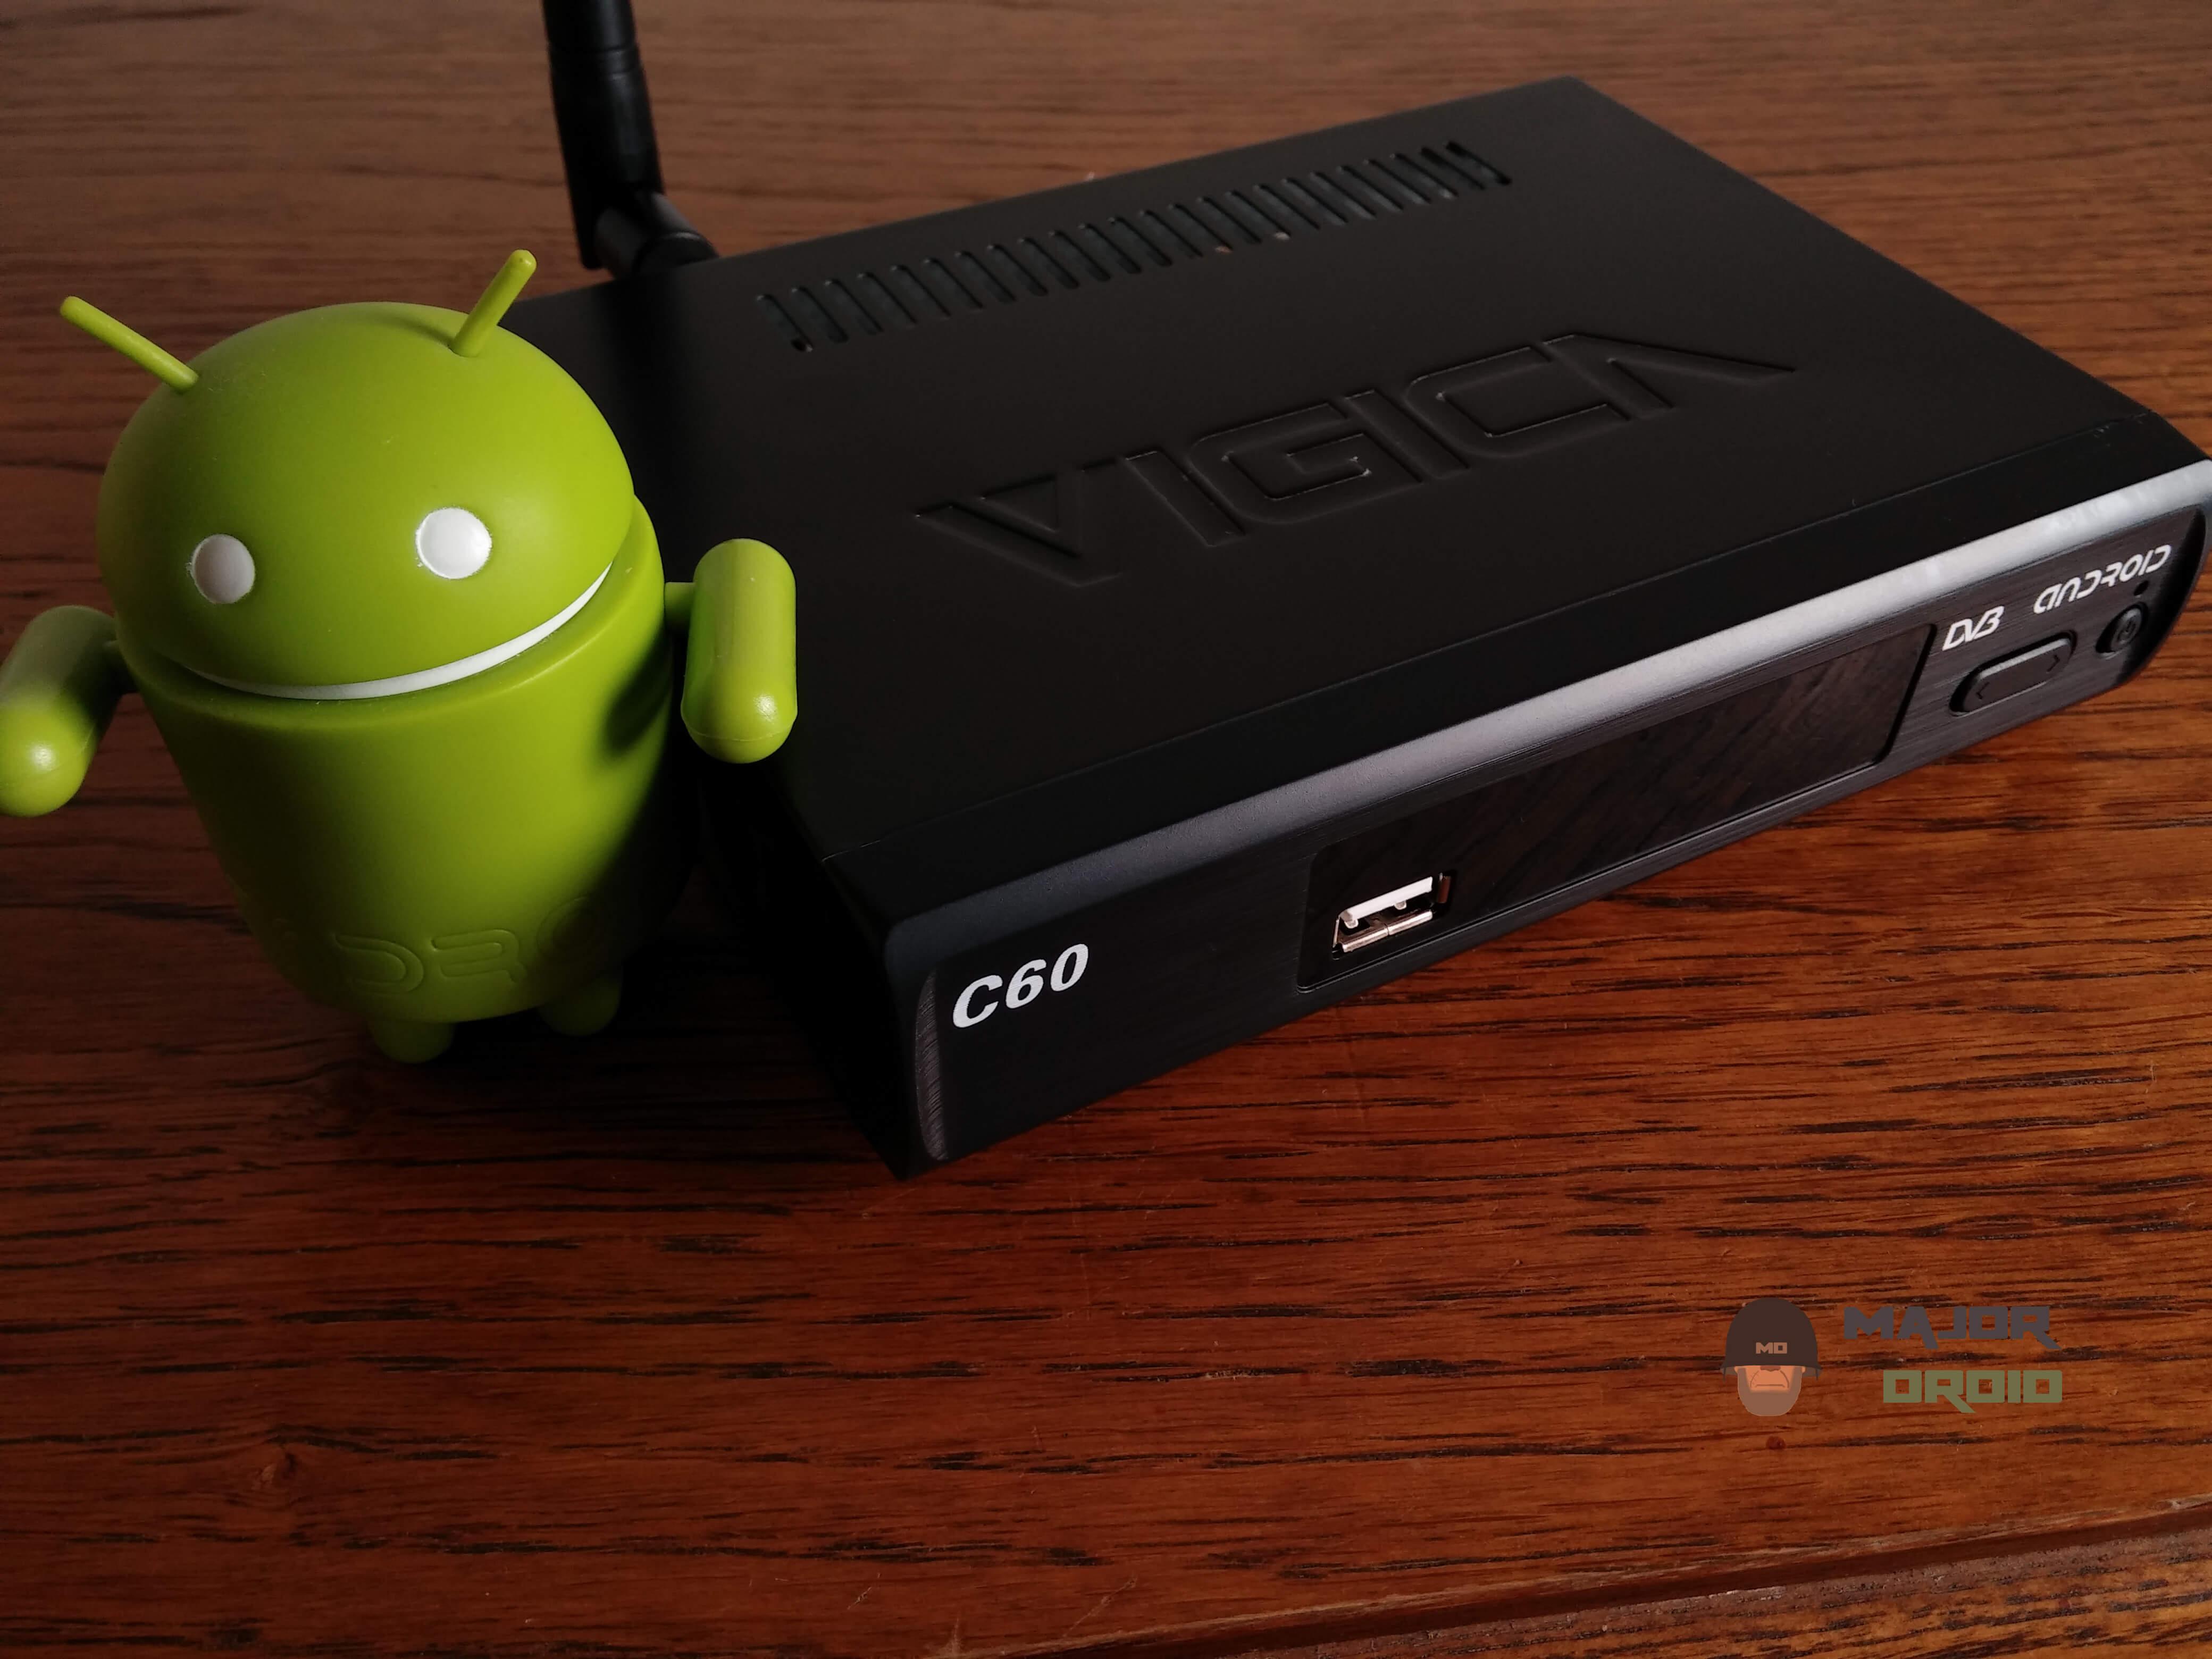 Tuner dvb android box reviews